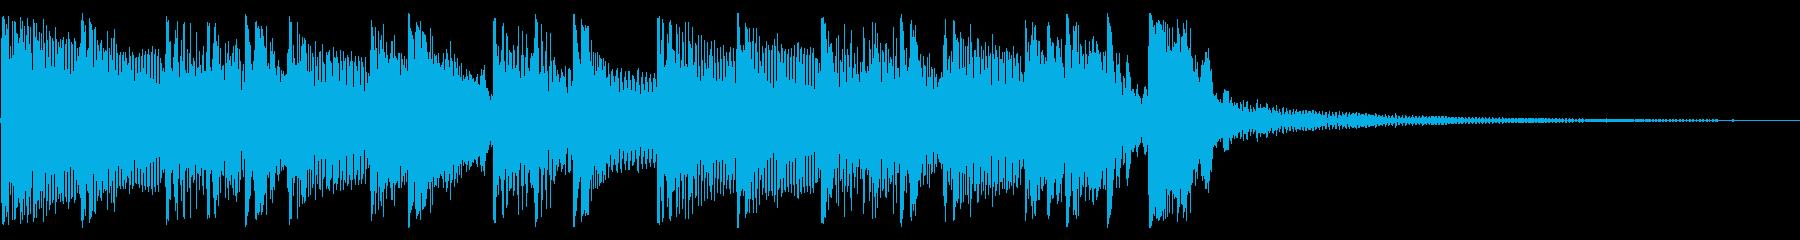 パンキッシュなロックジングル05の再生済みの波形